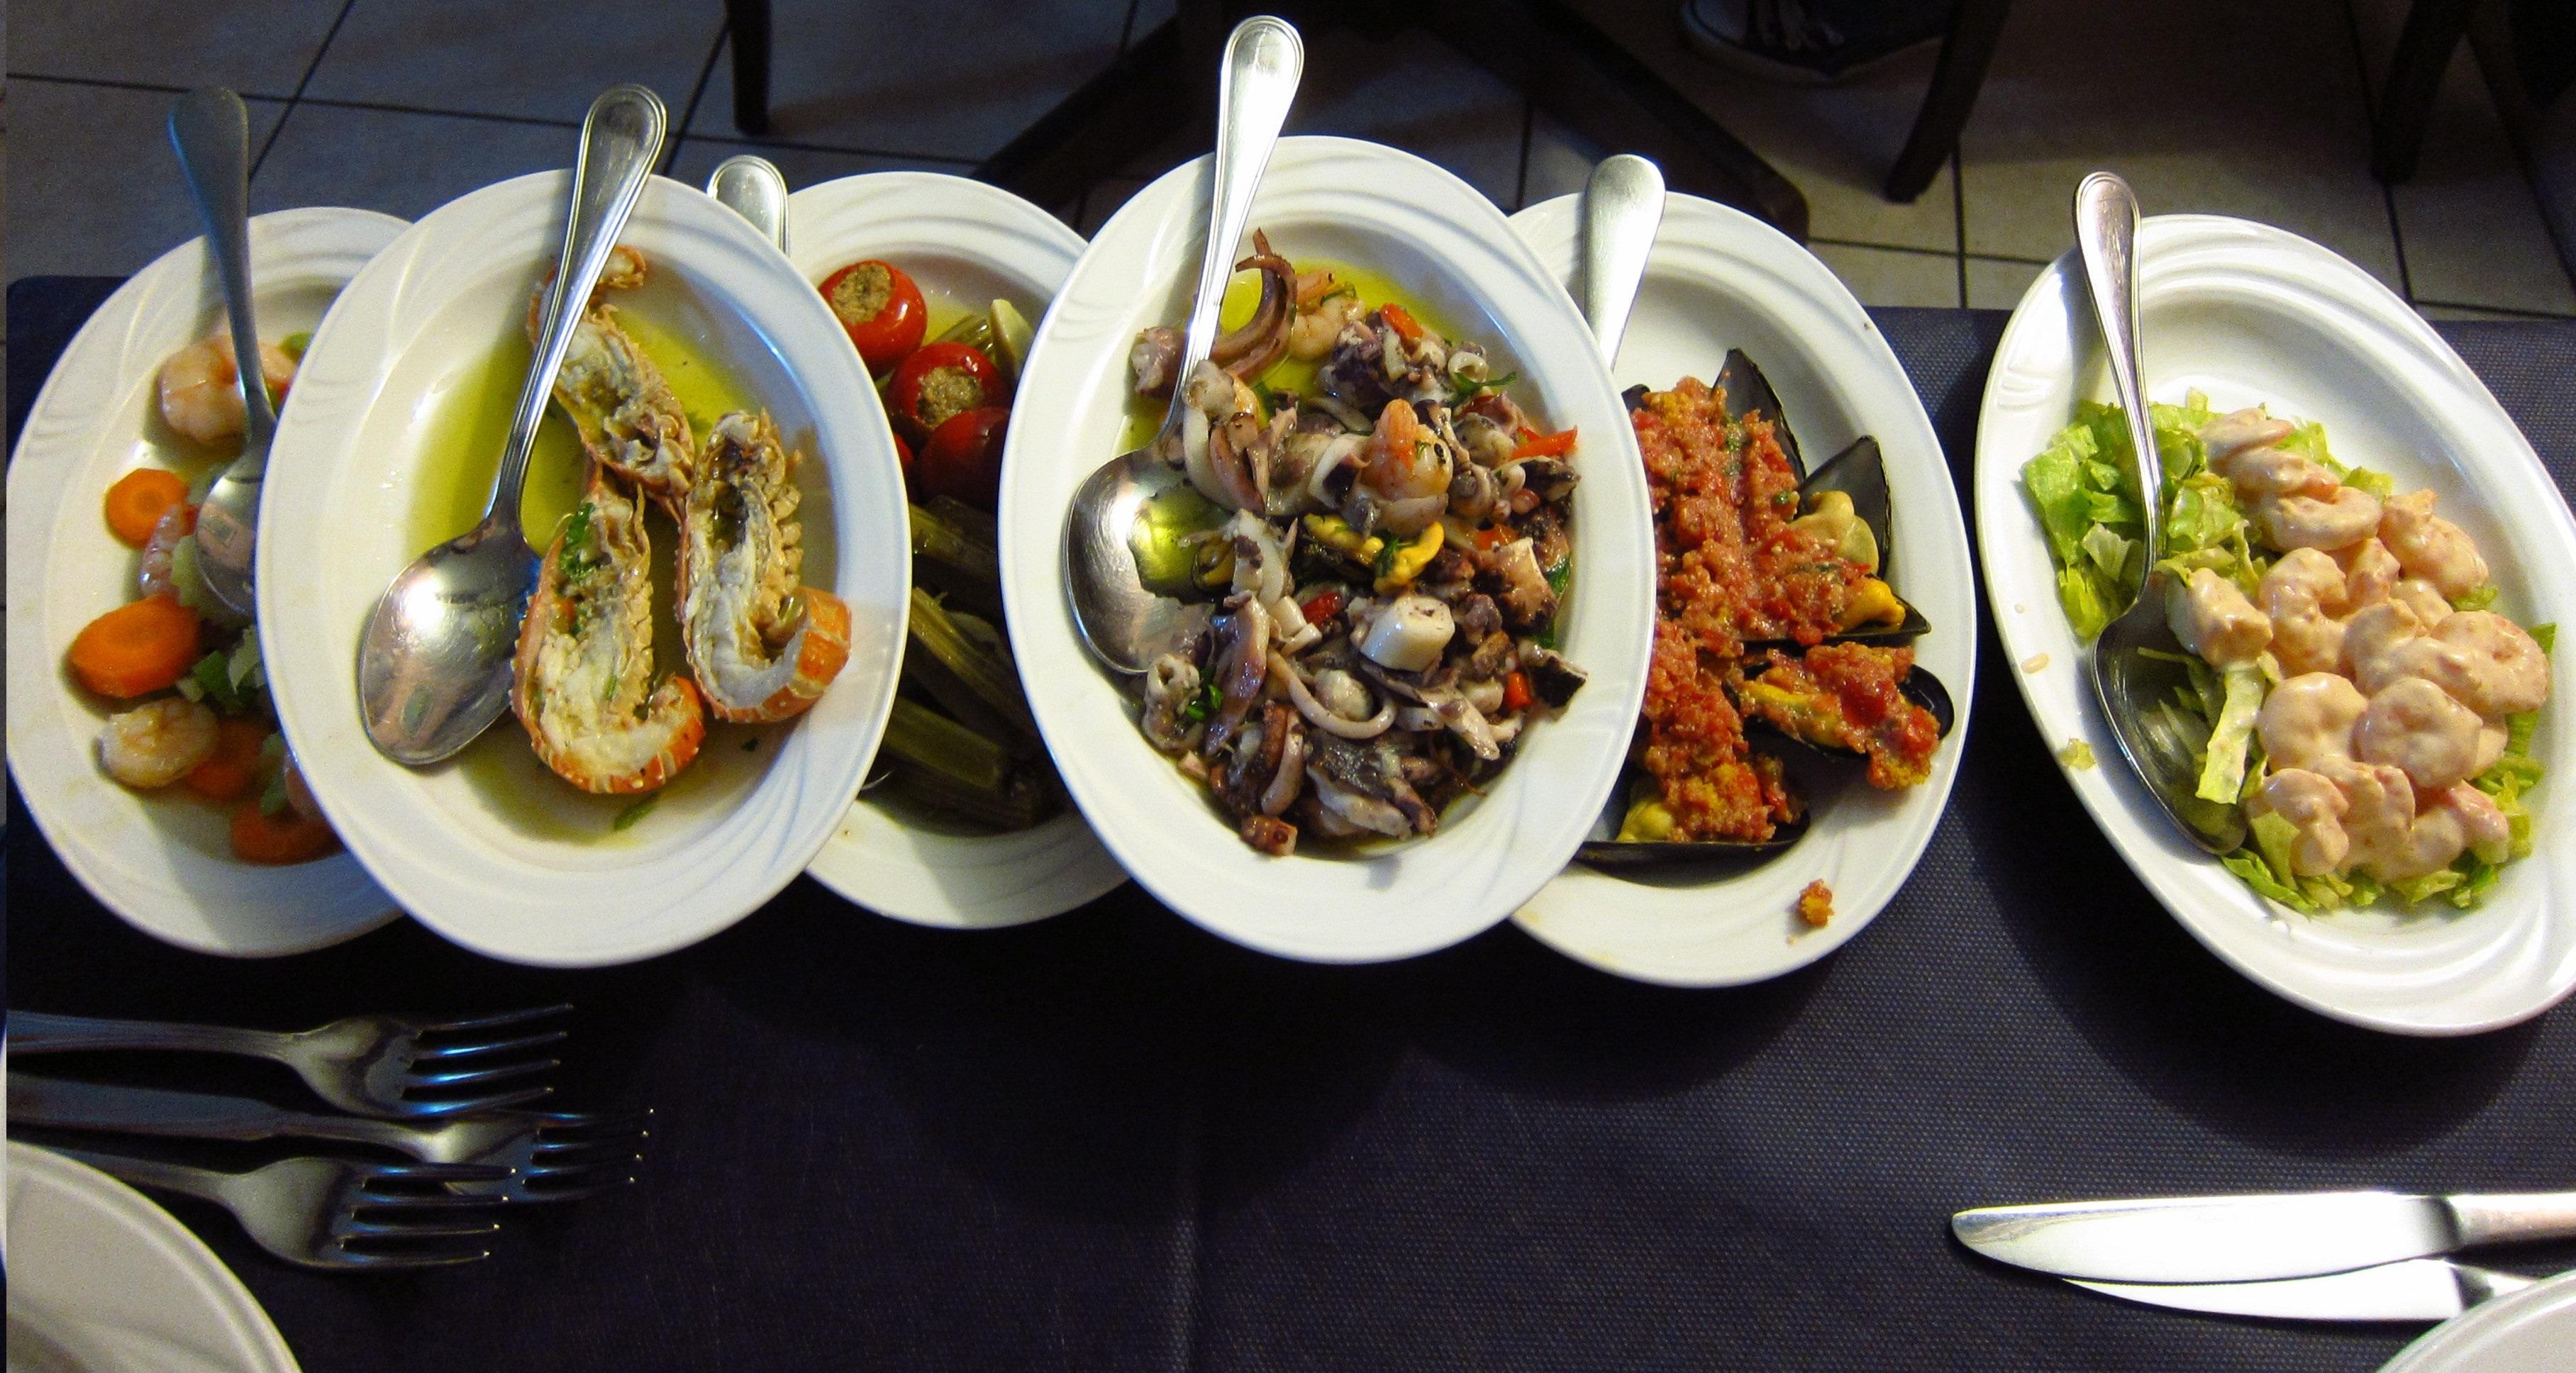 Mediterranean Diet Food For Energy